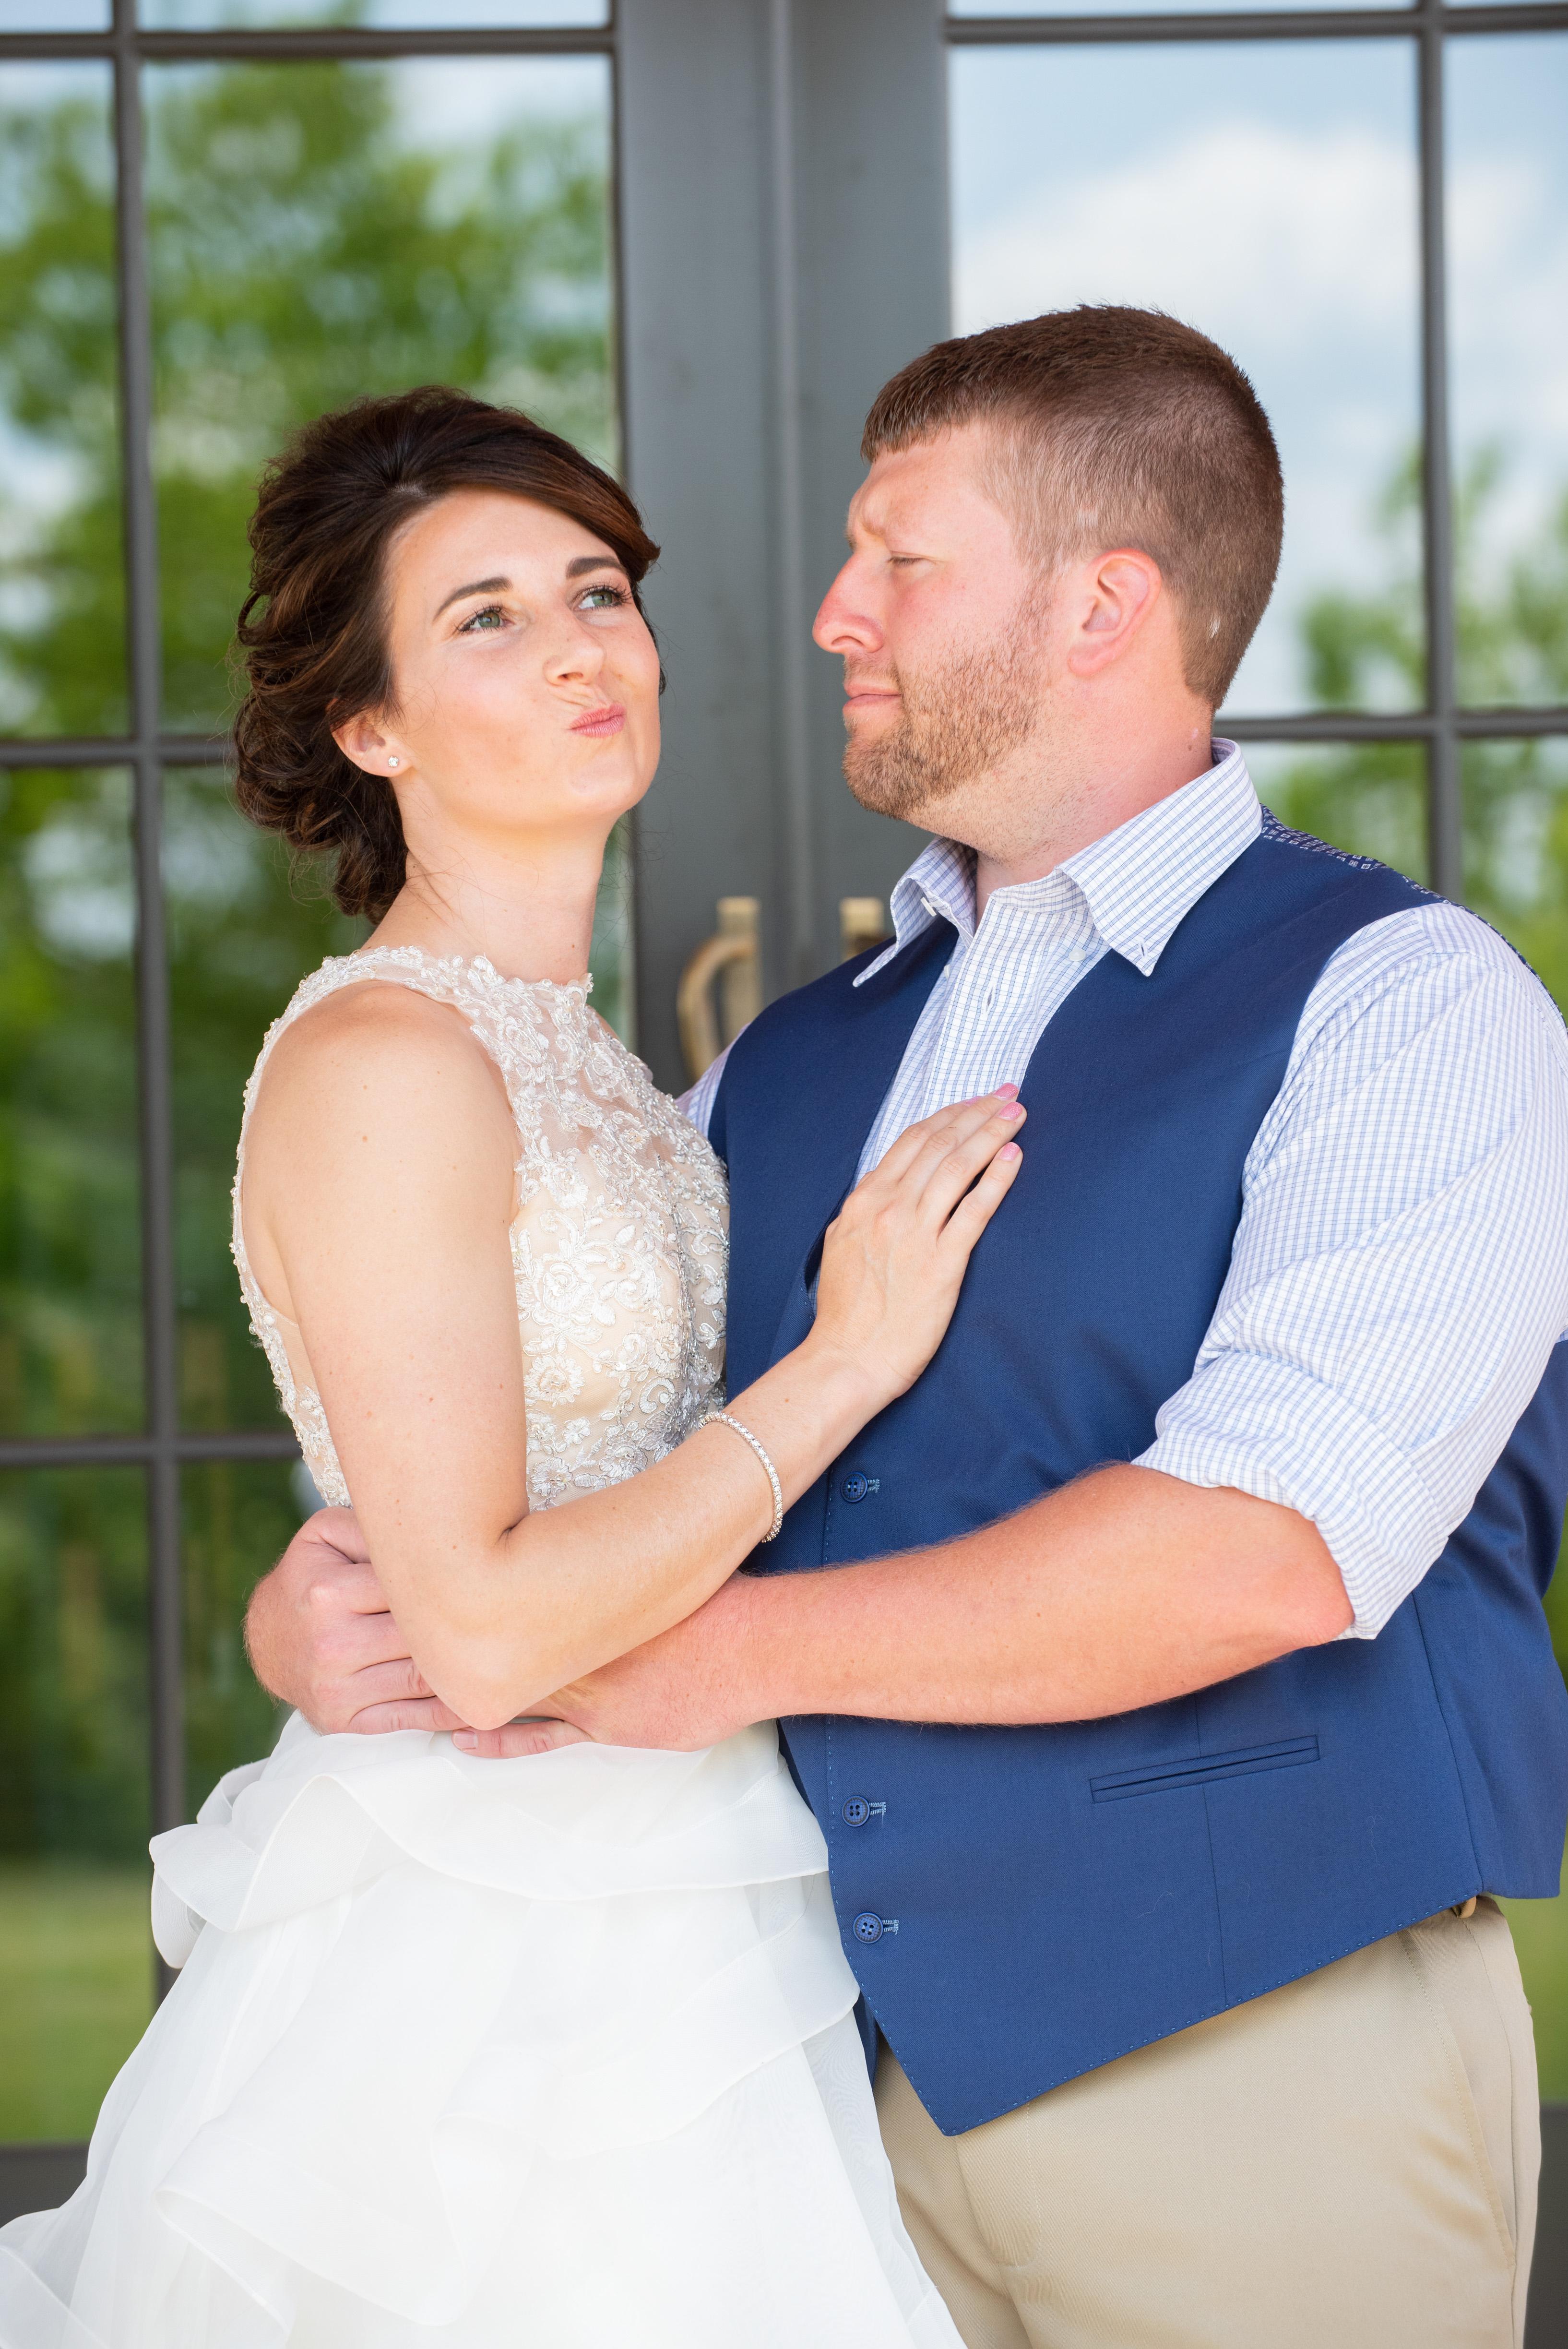 Milwaukee Wedding Photography-Jadon Good Photography_124